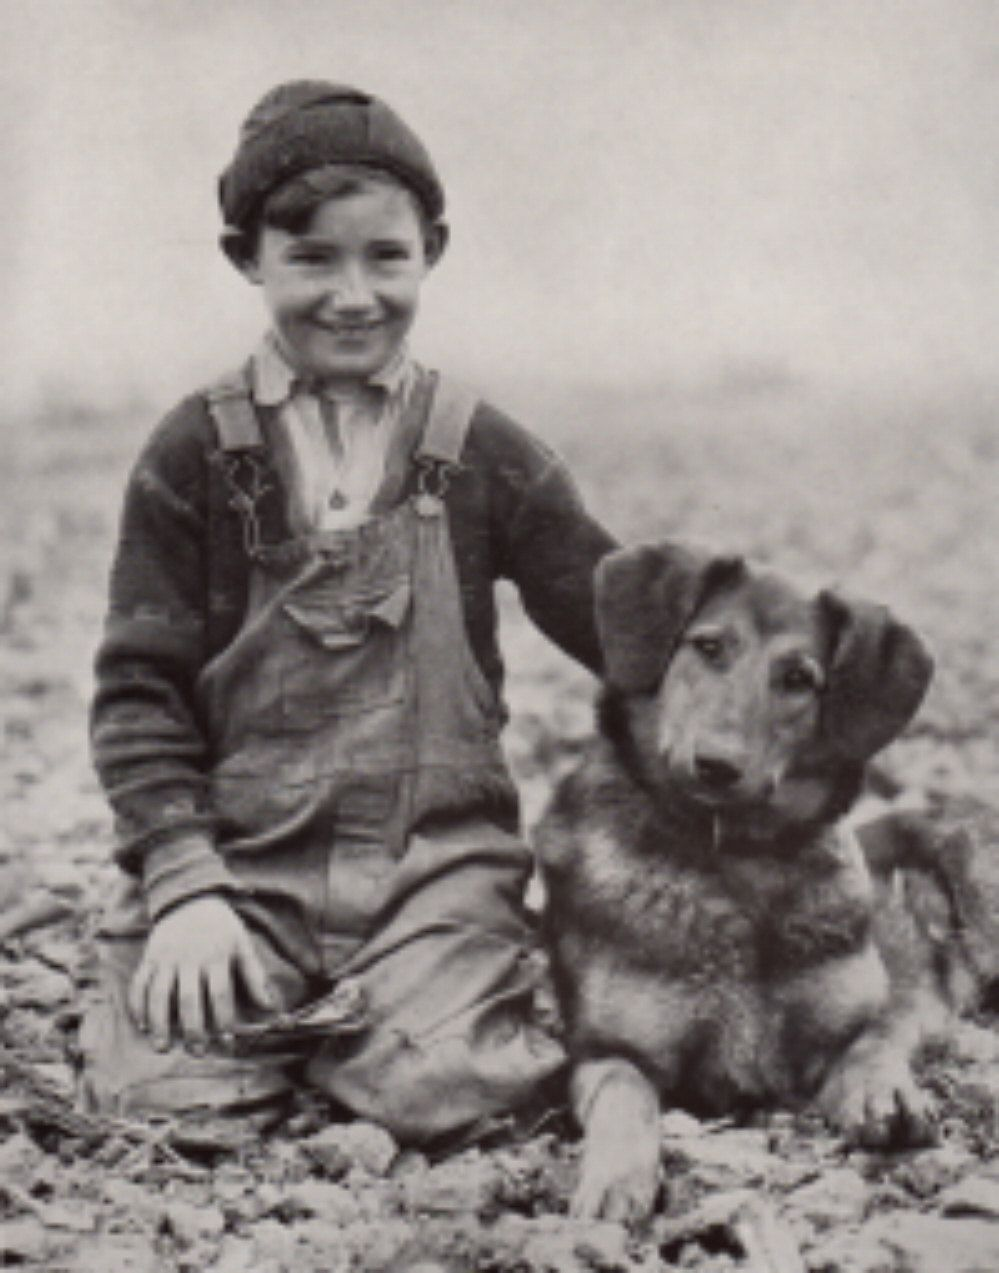 1930s photo boy and dog shepherd dog black and white photo